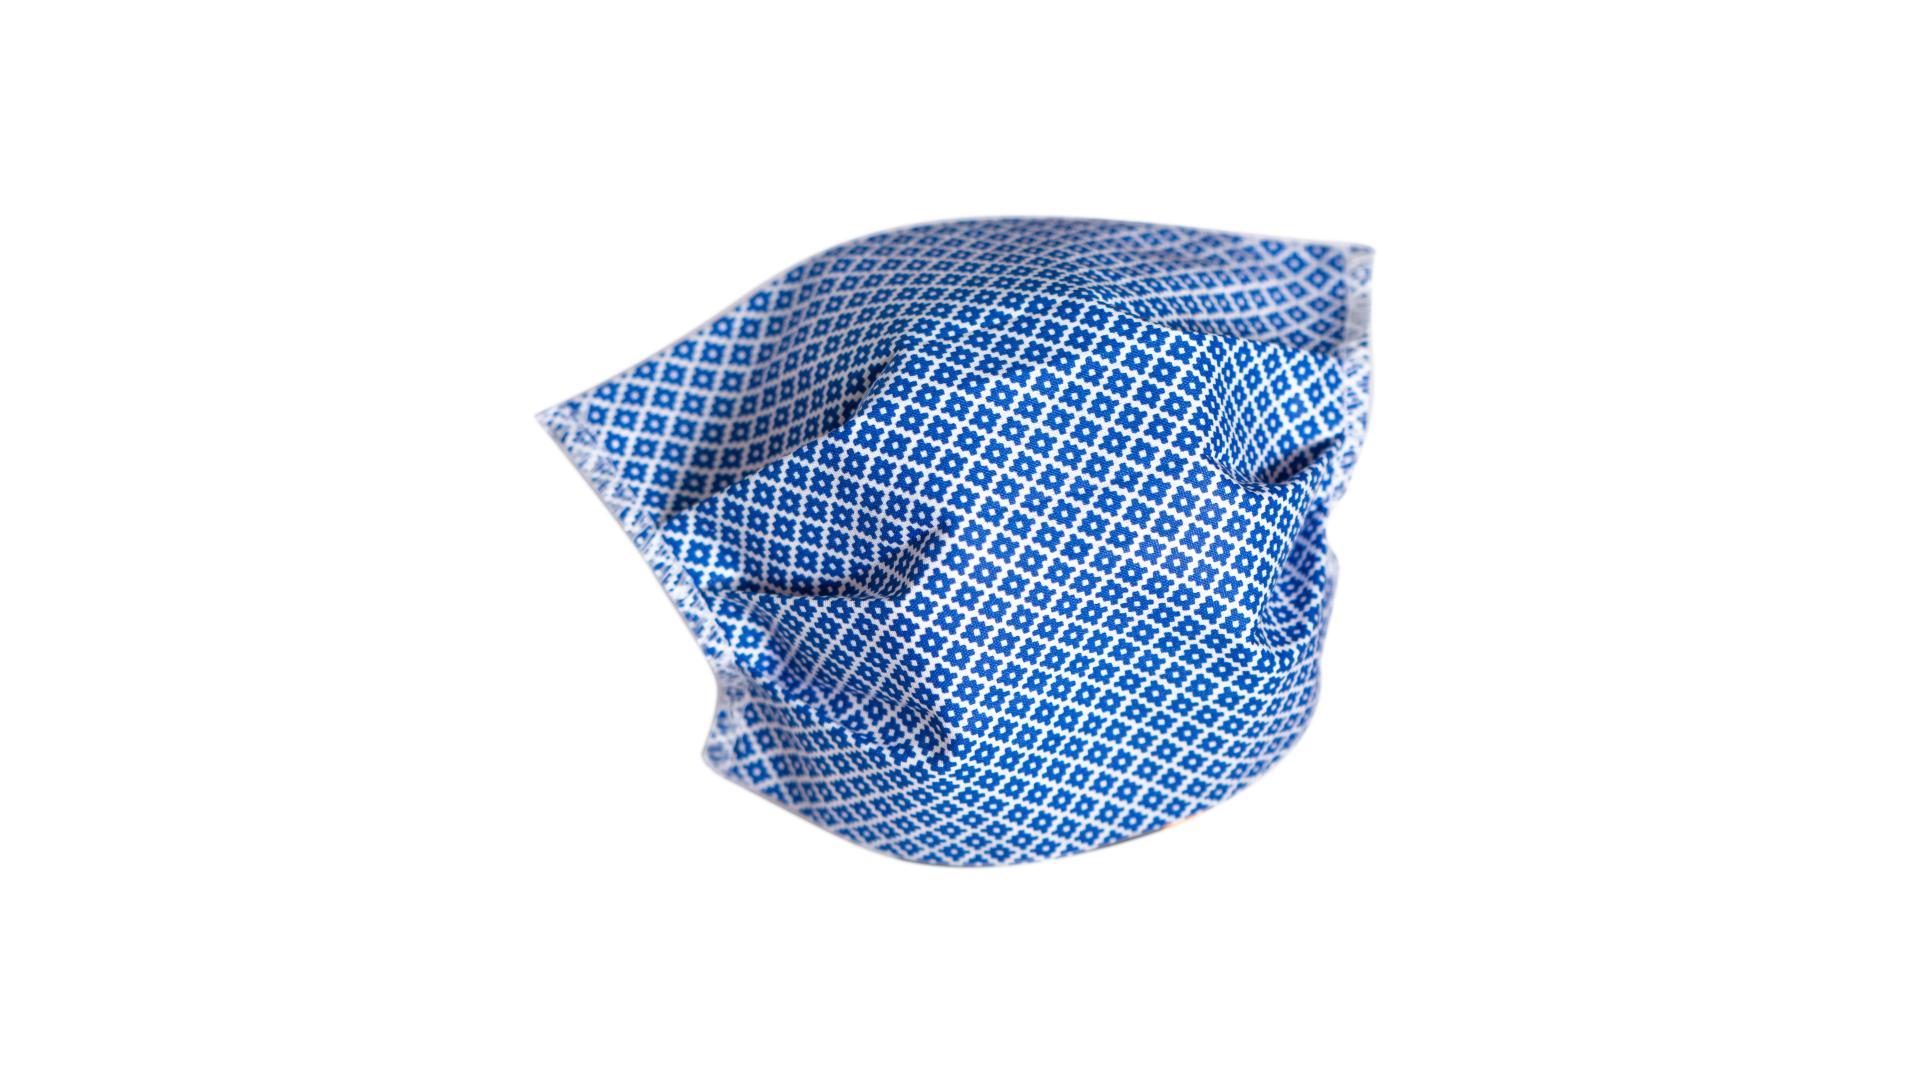 4CARS Dvojvrstvové ochranné bavlnené rúško modré s gumičkou 1ks - menšie